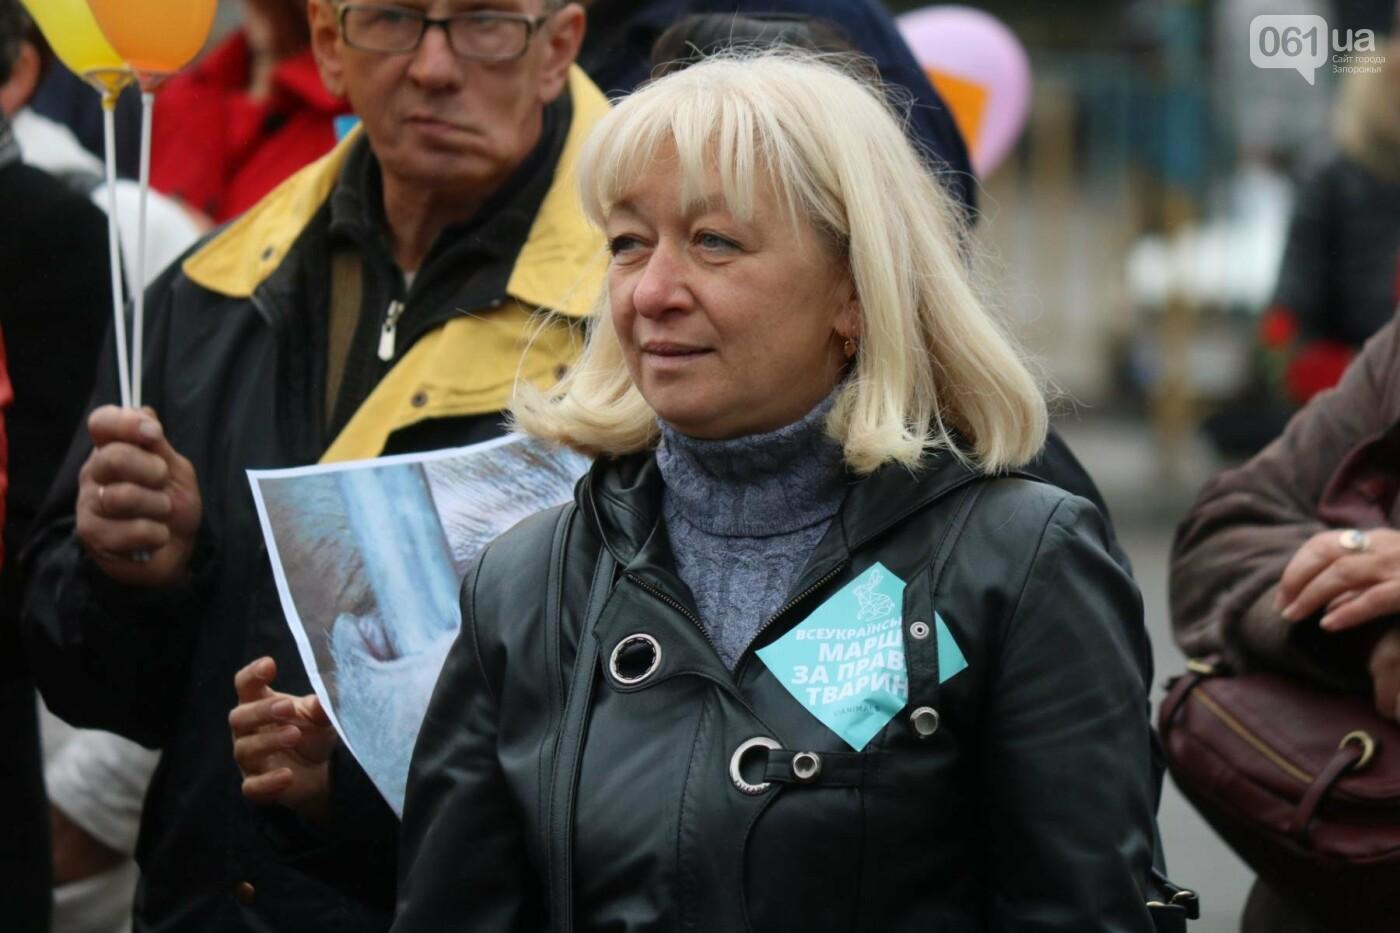 В Запорожье прошел марш за права животных, - ФОТОРЕПОРТАЖ, фото-7